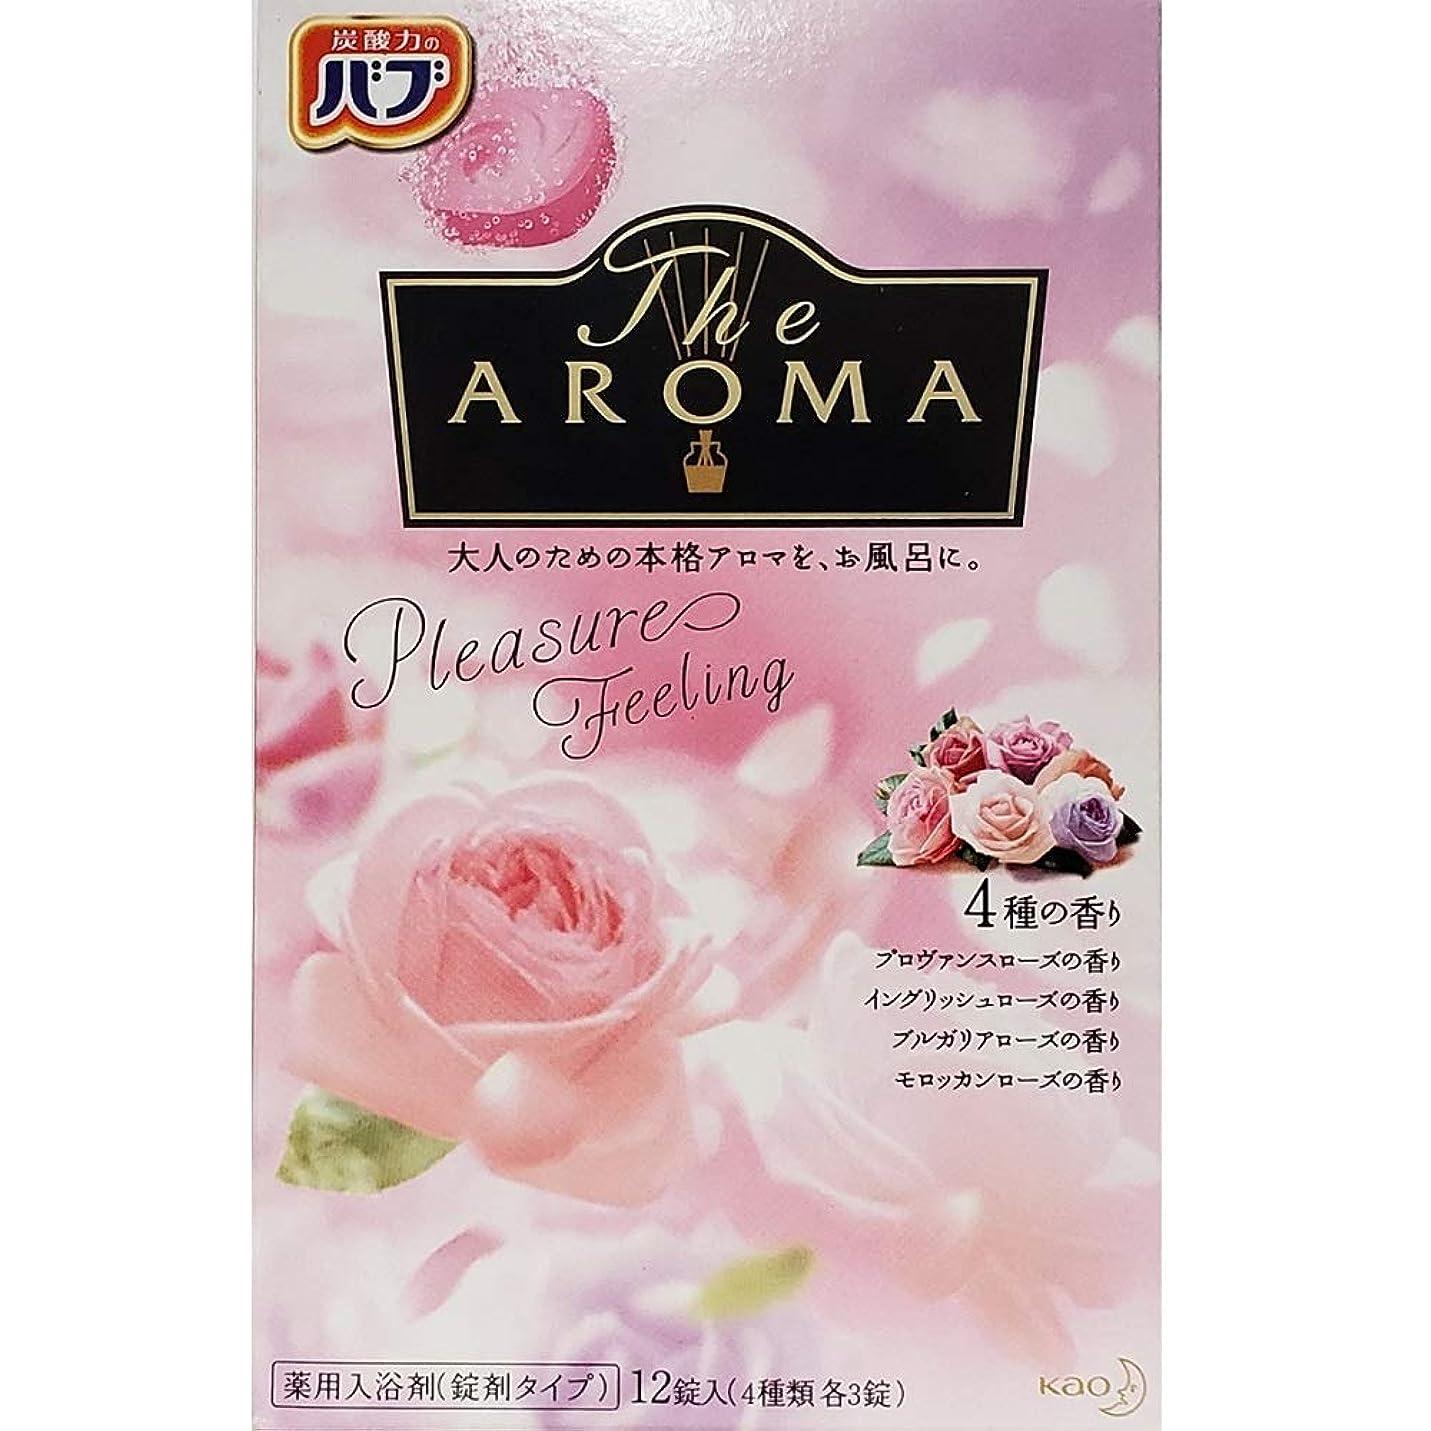 ばか公クマノミバブ The Aroma Pleasure Feeling 40g×12錠(4種類 各3錠) 医薬部外品